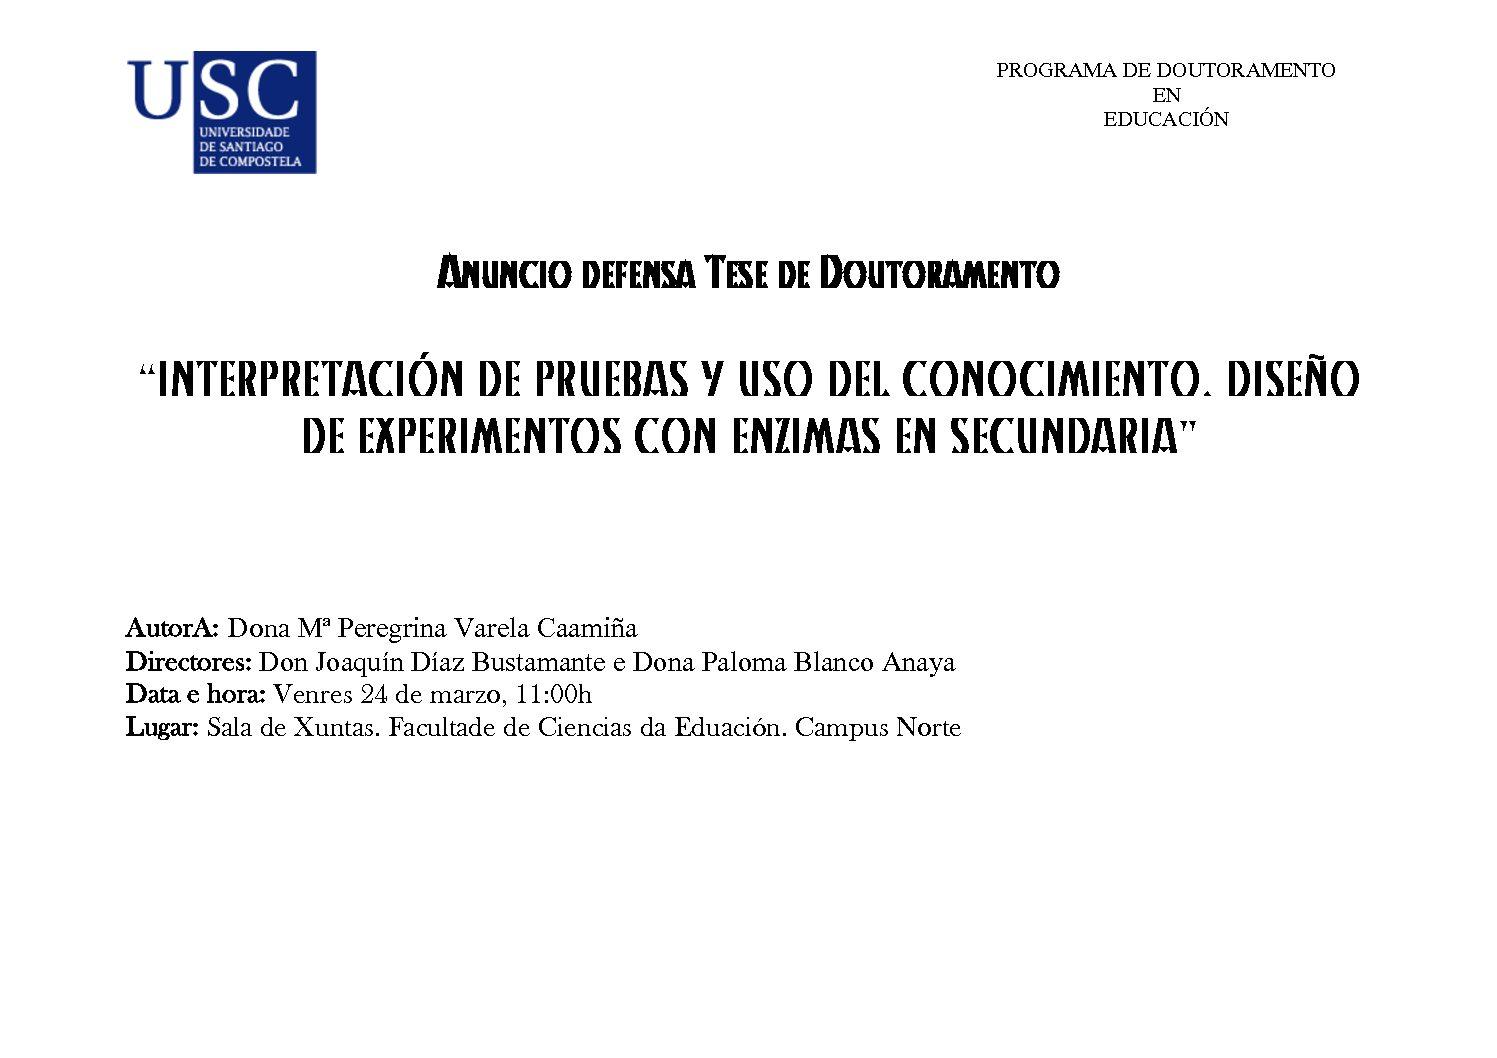 DEFENCE DOCTORAL THESIS: INTERPRETACIÓN DE PRUEBAS Y USO DEL CONOCIMIENTO. DISEÑO DE EXPERIMENTOS CON ENZIMAS EN SECUNDARIA